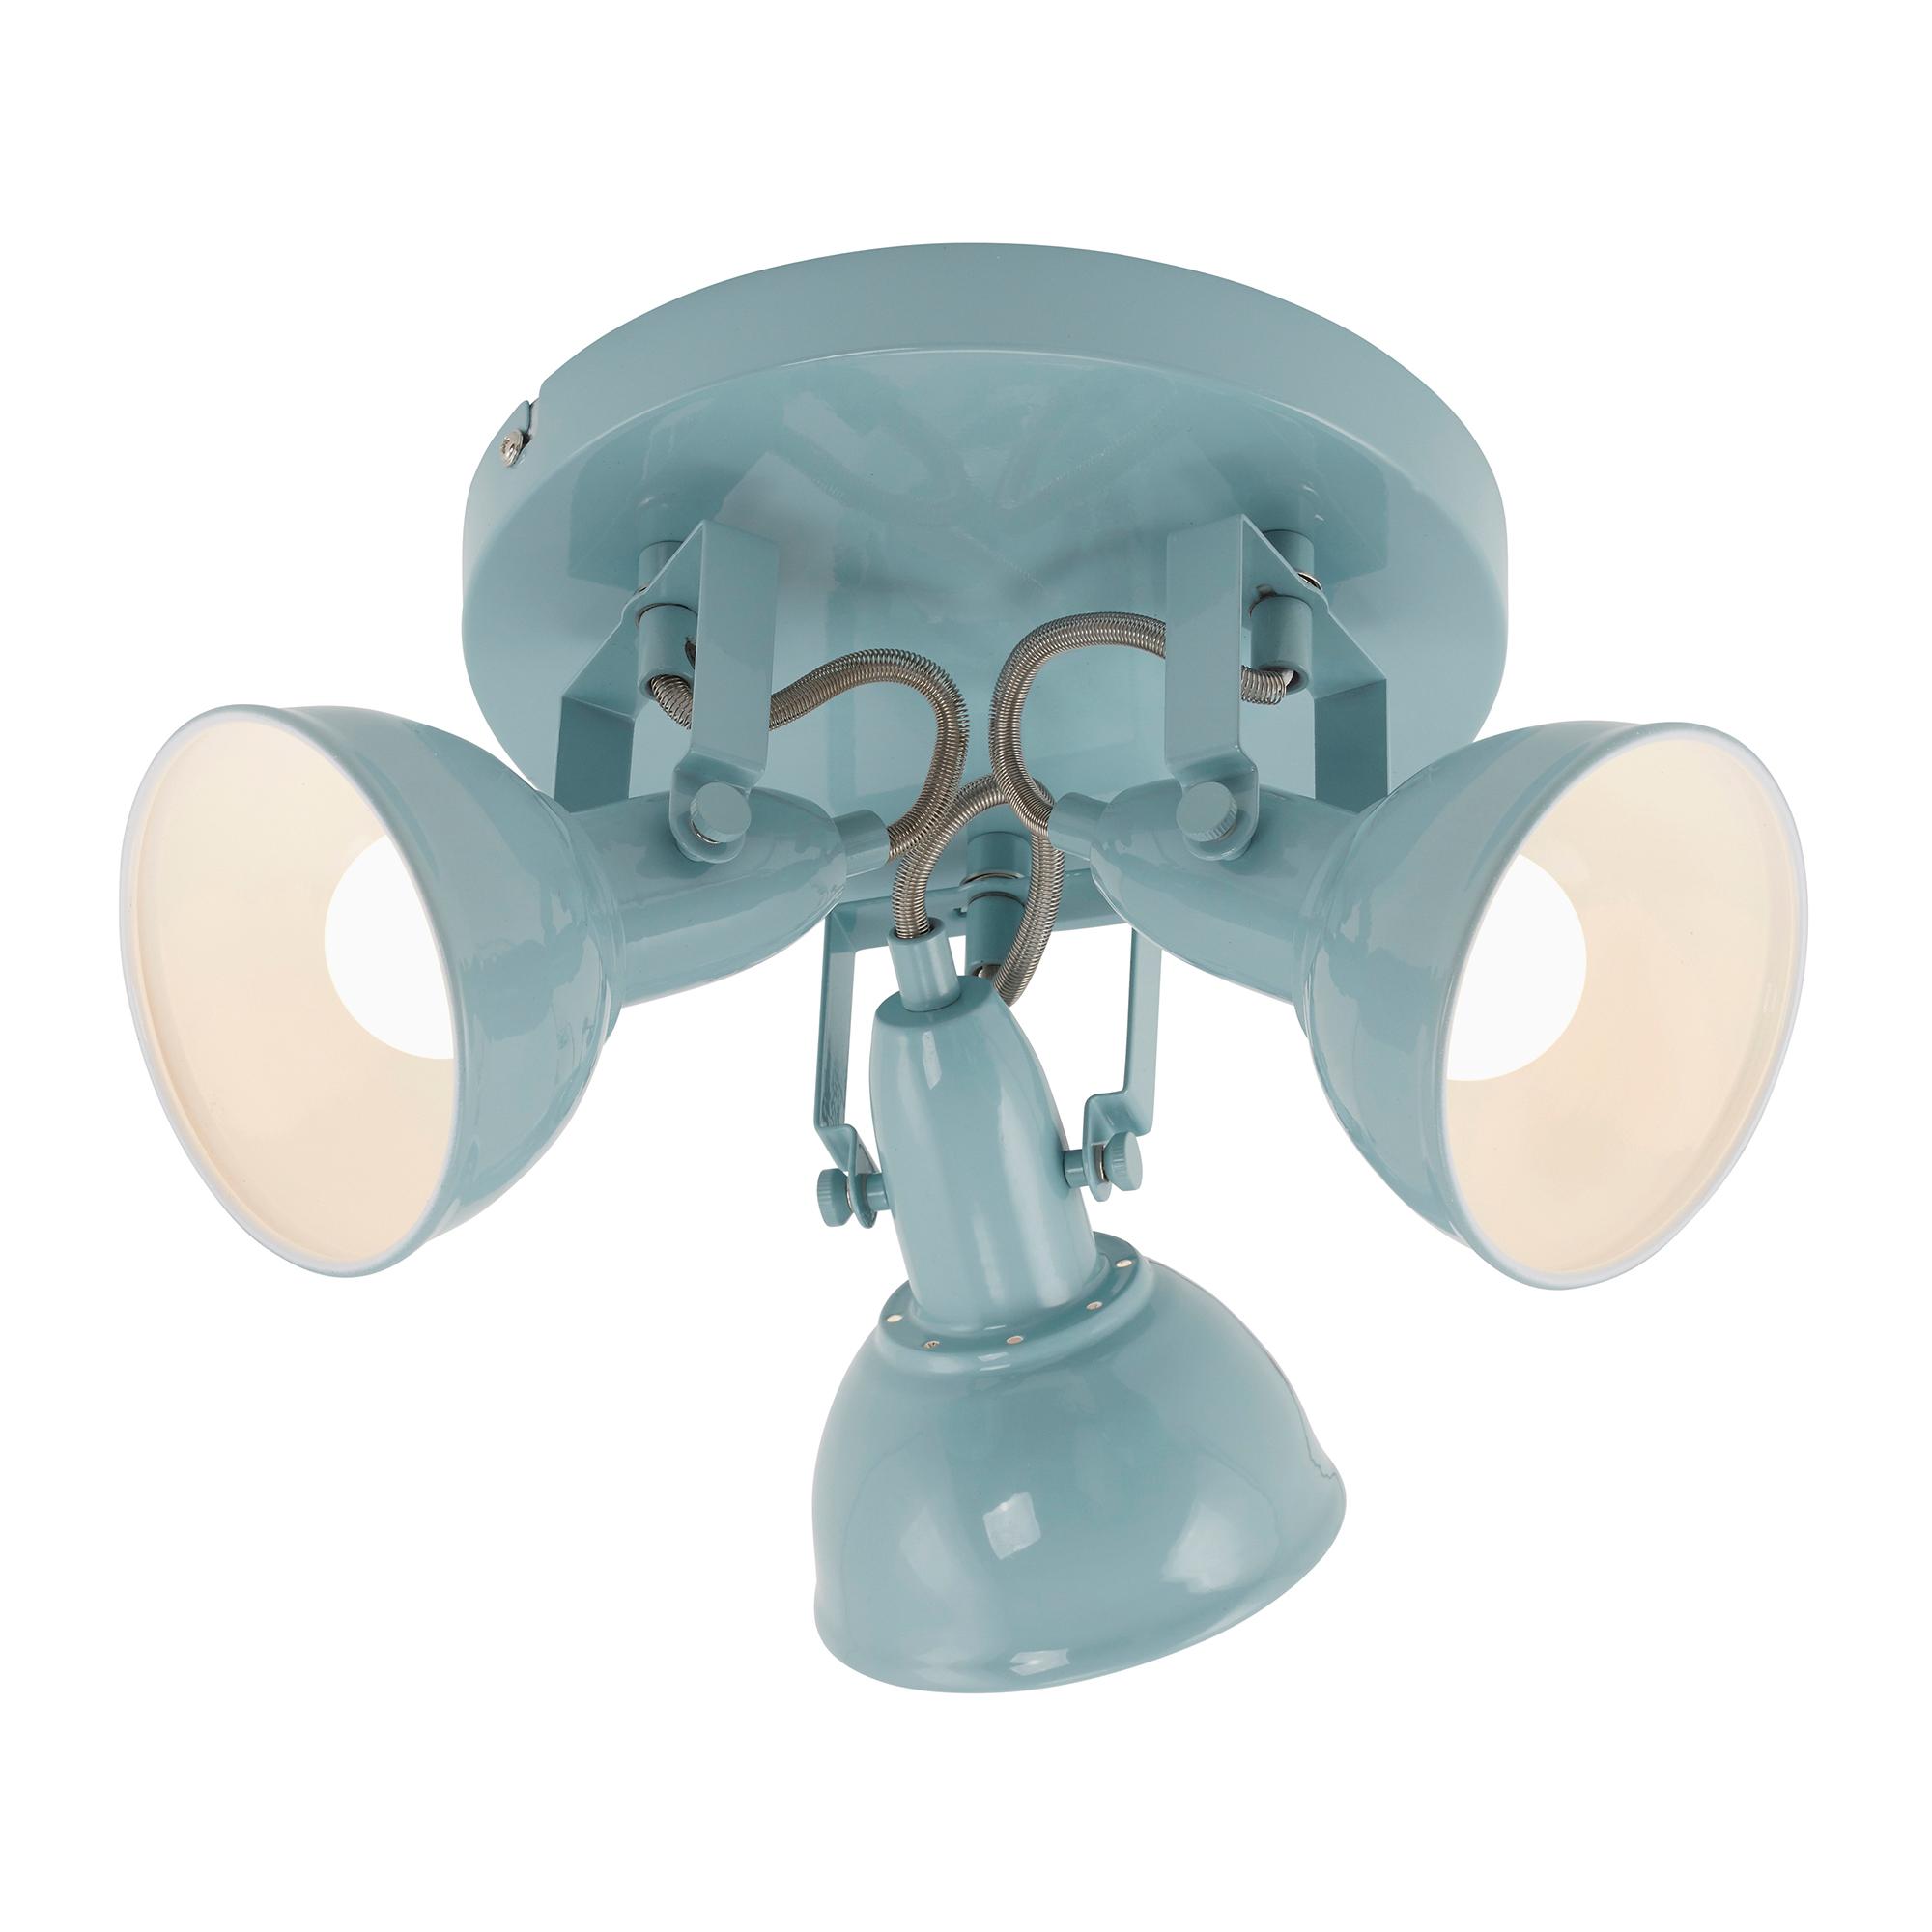 Spot Deckenleuchte, Ø 21 cm, max. 40 W, Mint-Weiss